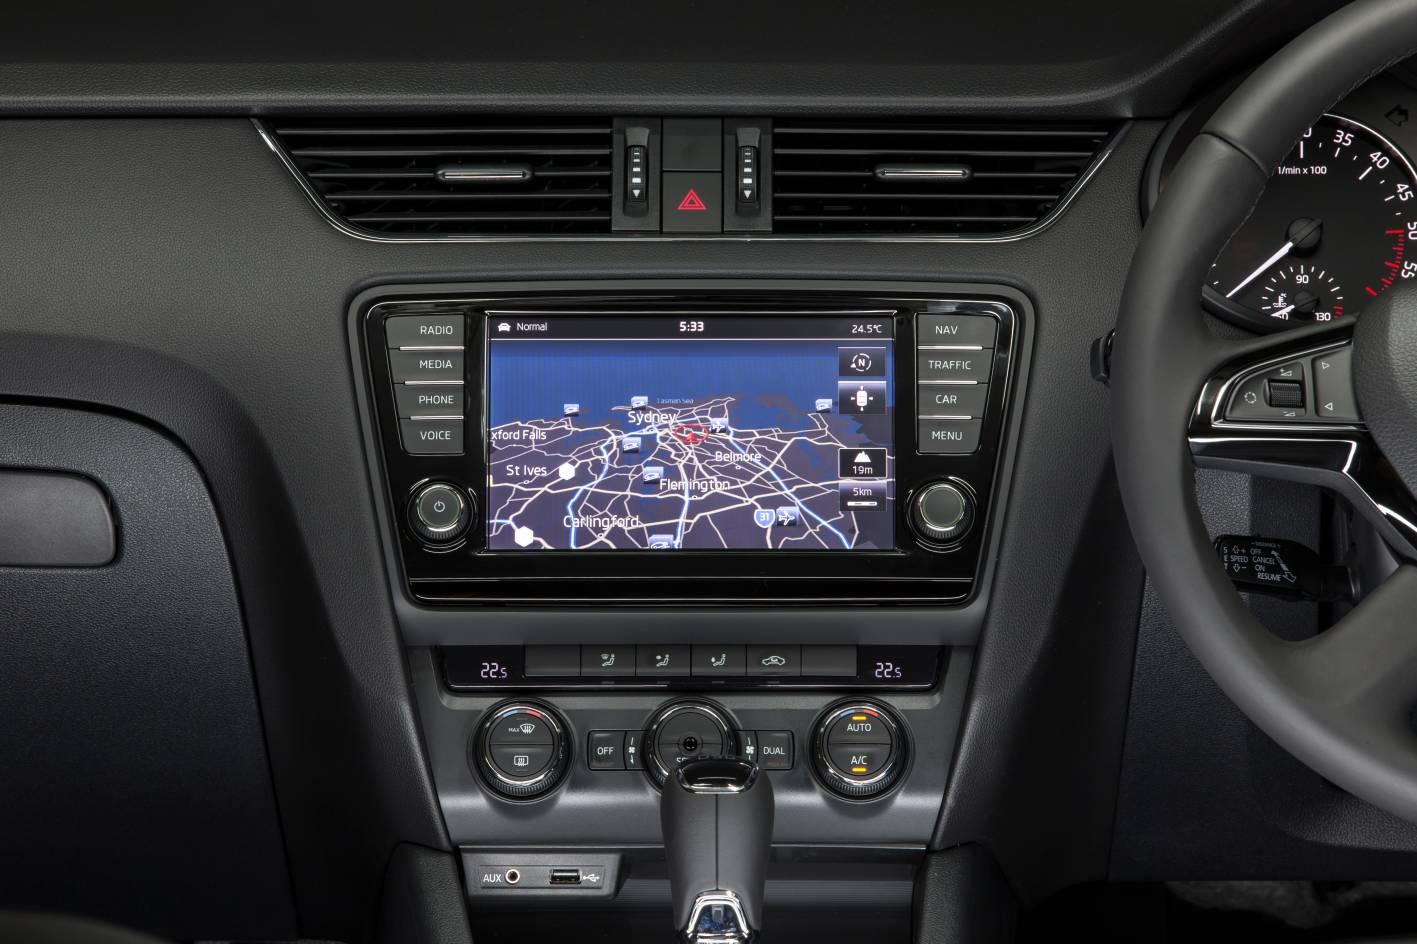 Skoda Octavia Ambition Elegance interior 8-inch screen ...